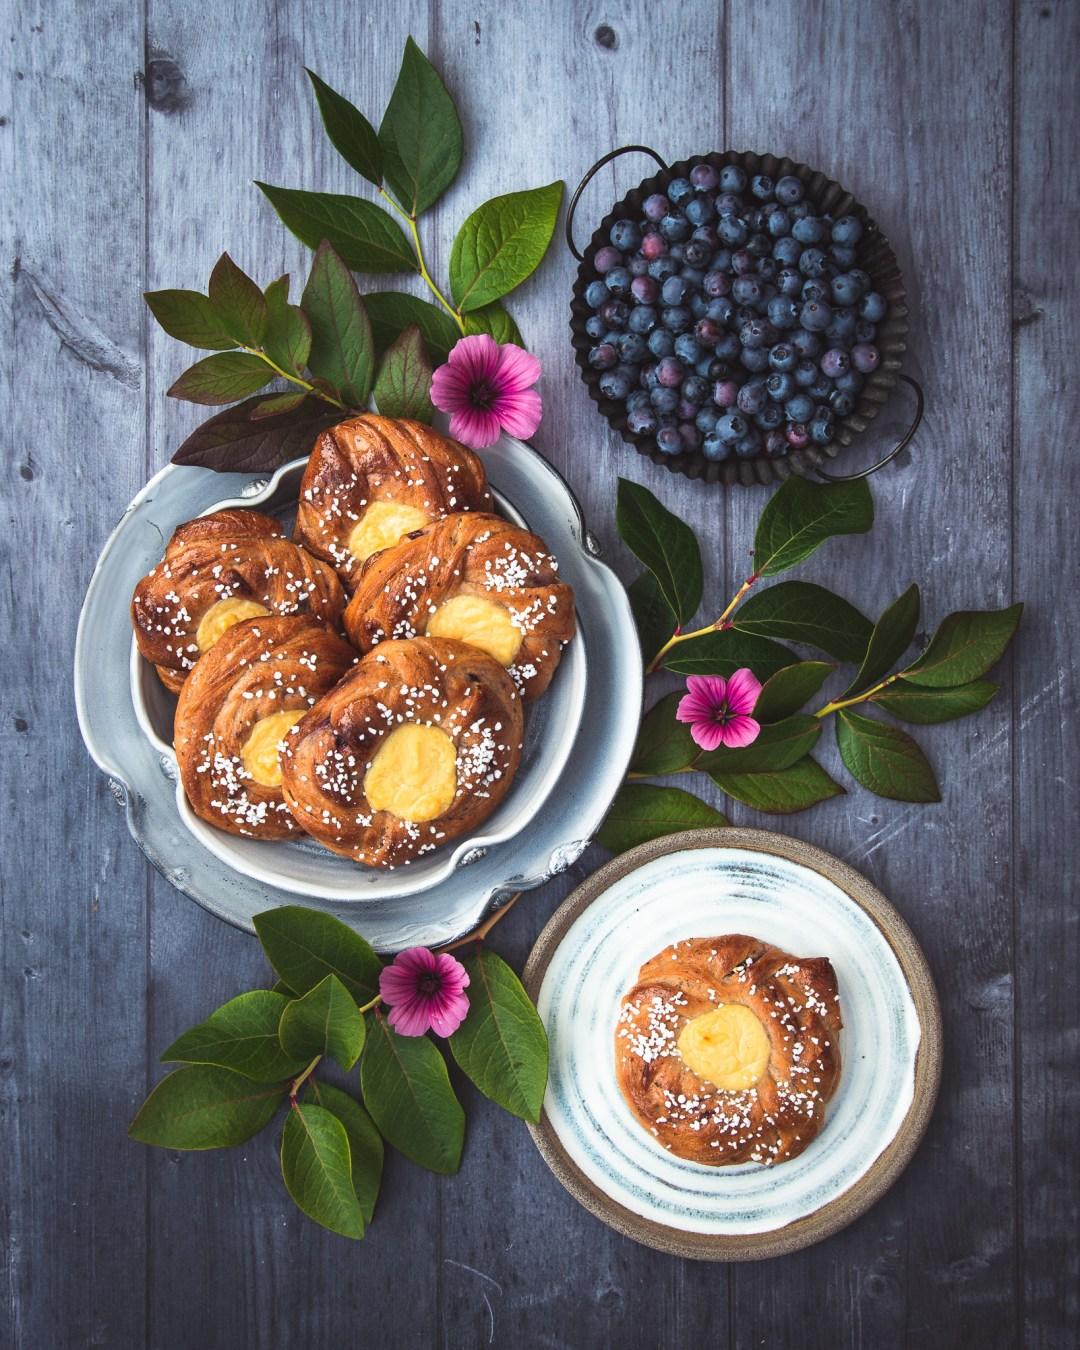 blåbärsbullar med vaniljkräm